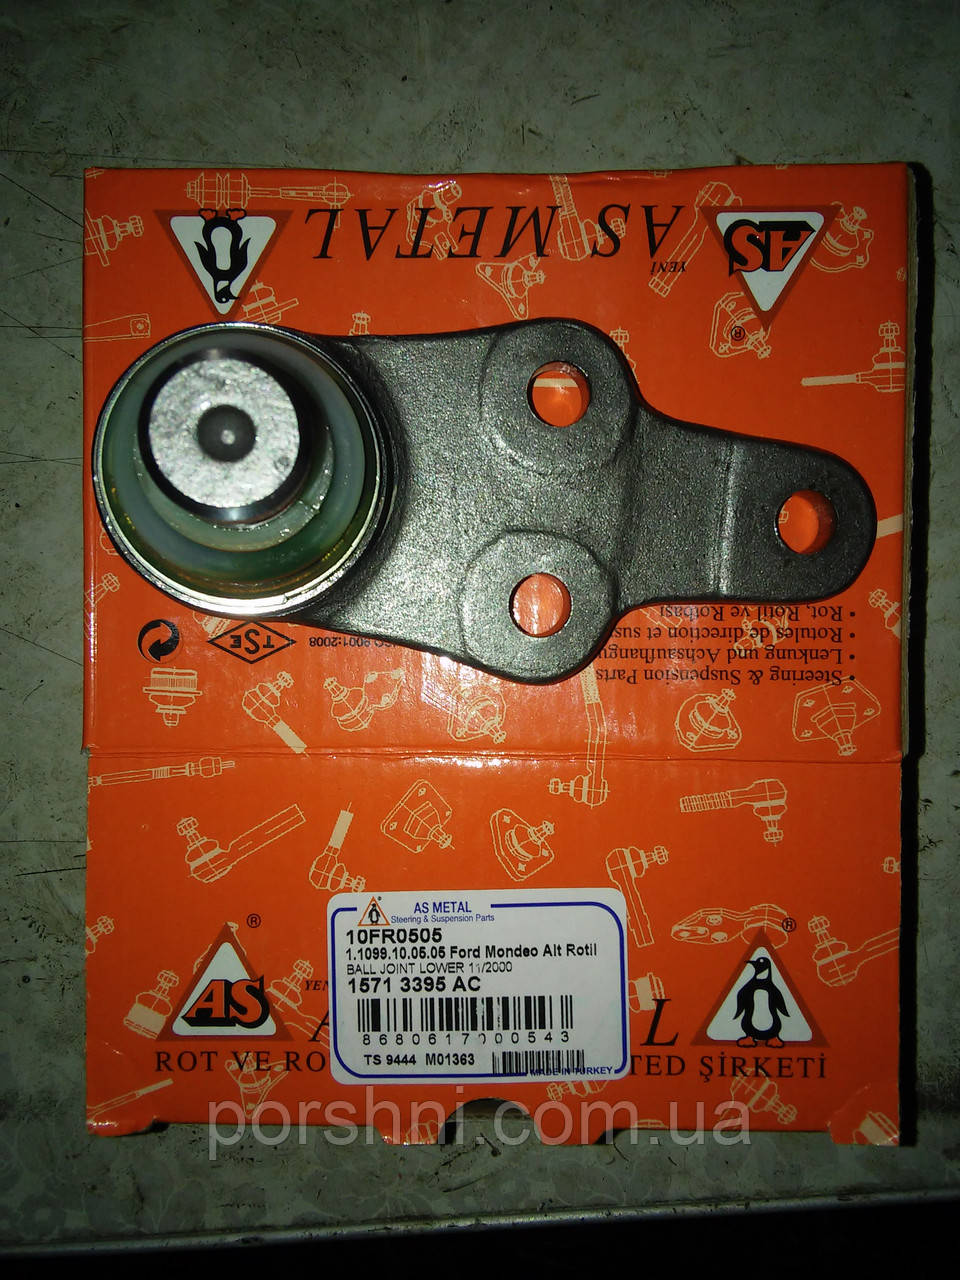 Шаровая Ford  Моndeo  2001 --  AS/METAL  1.1099.10.05.05   / 10FR0505